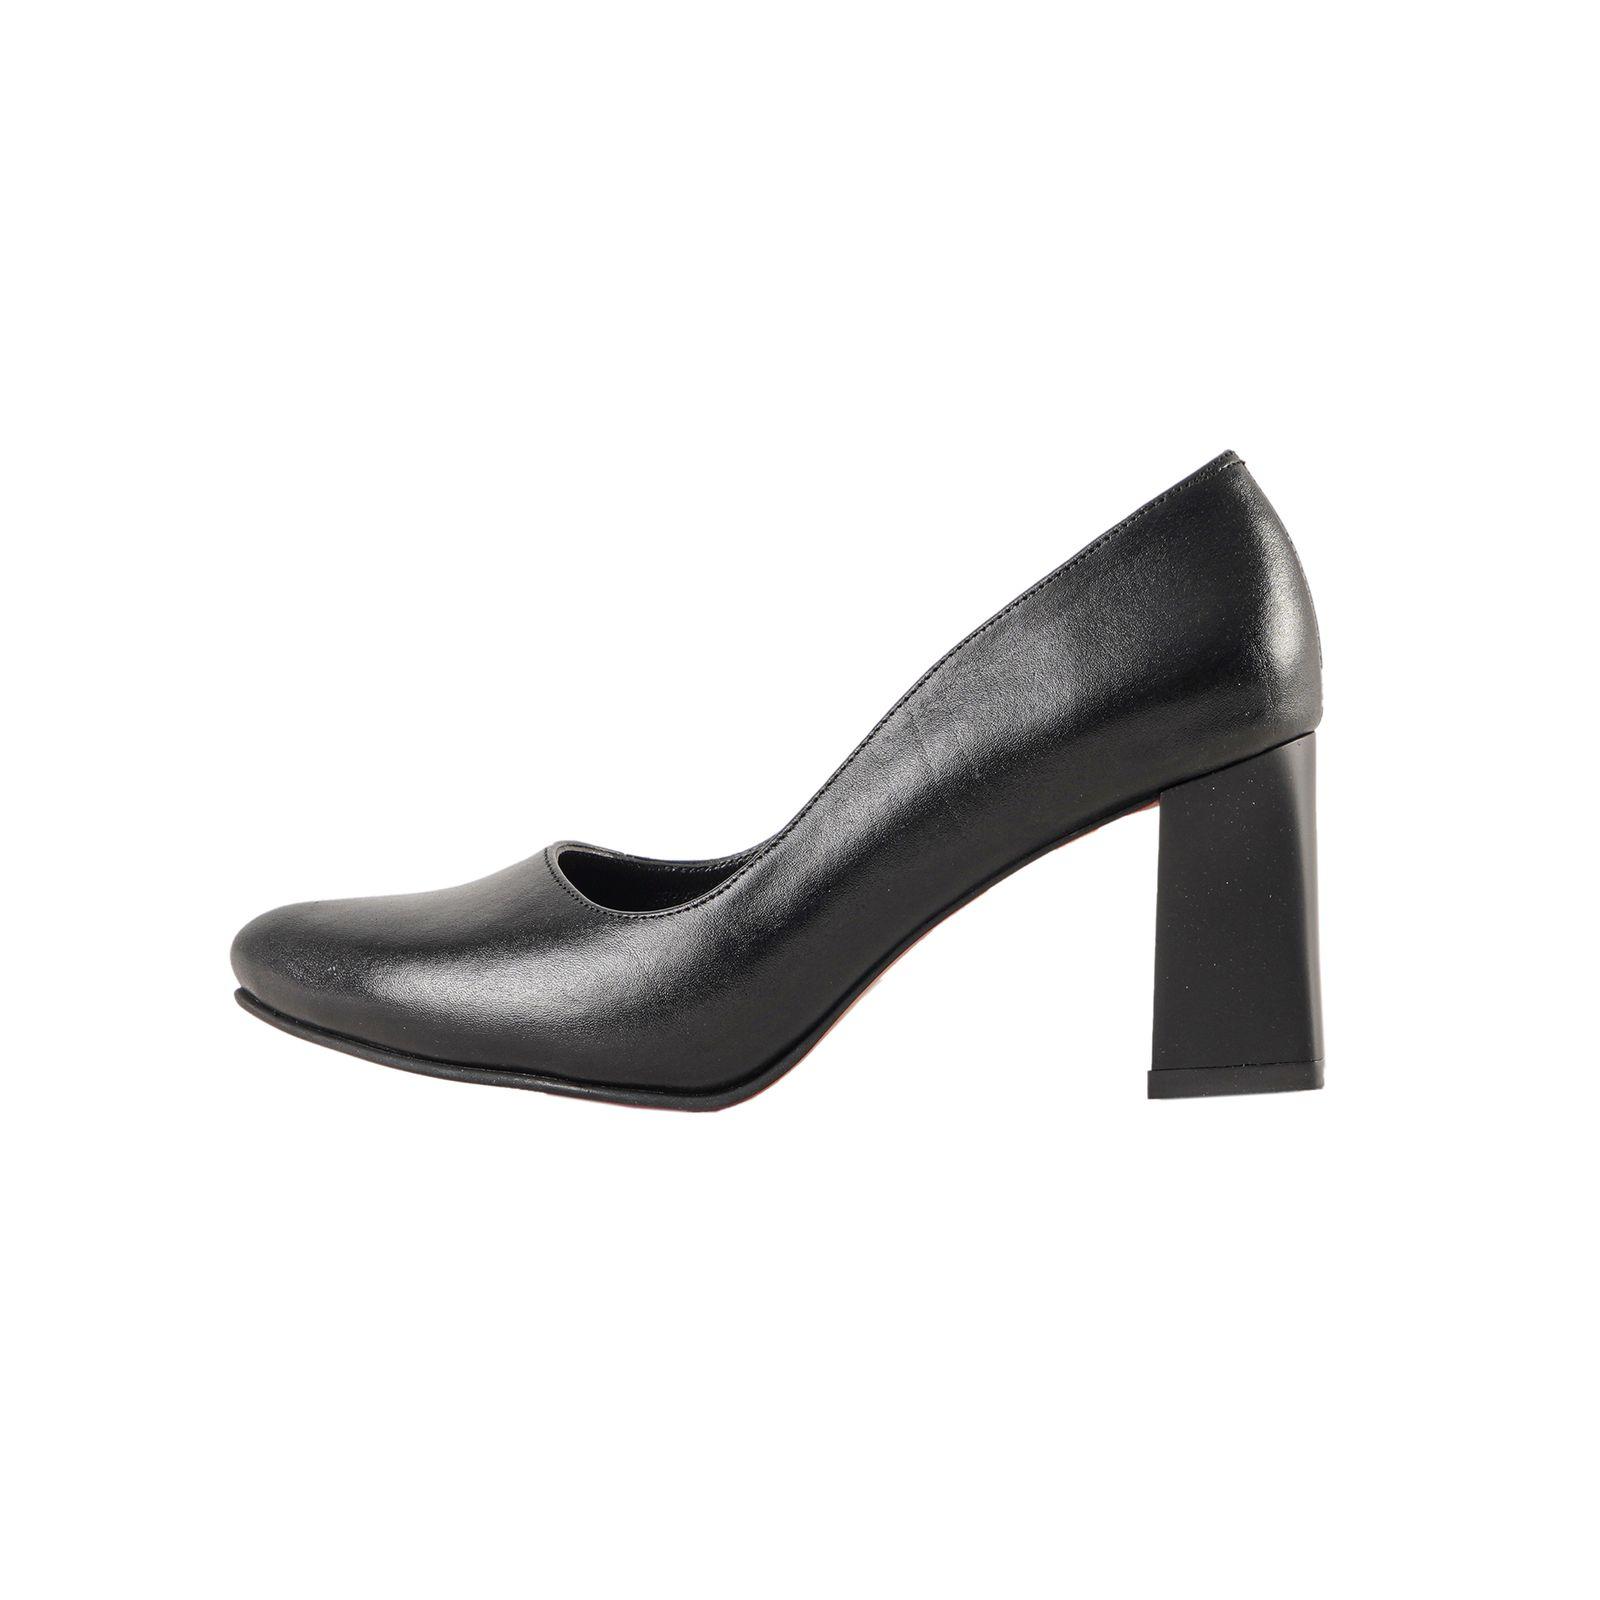 کفش زنانه صاد کد SM0902 -  - 2